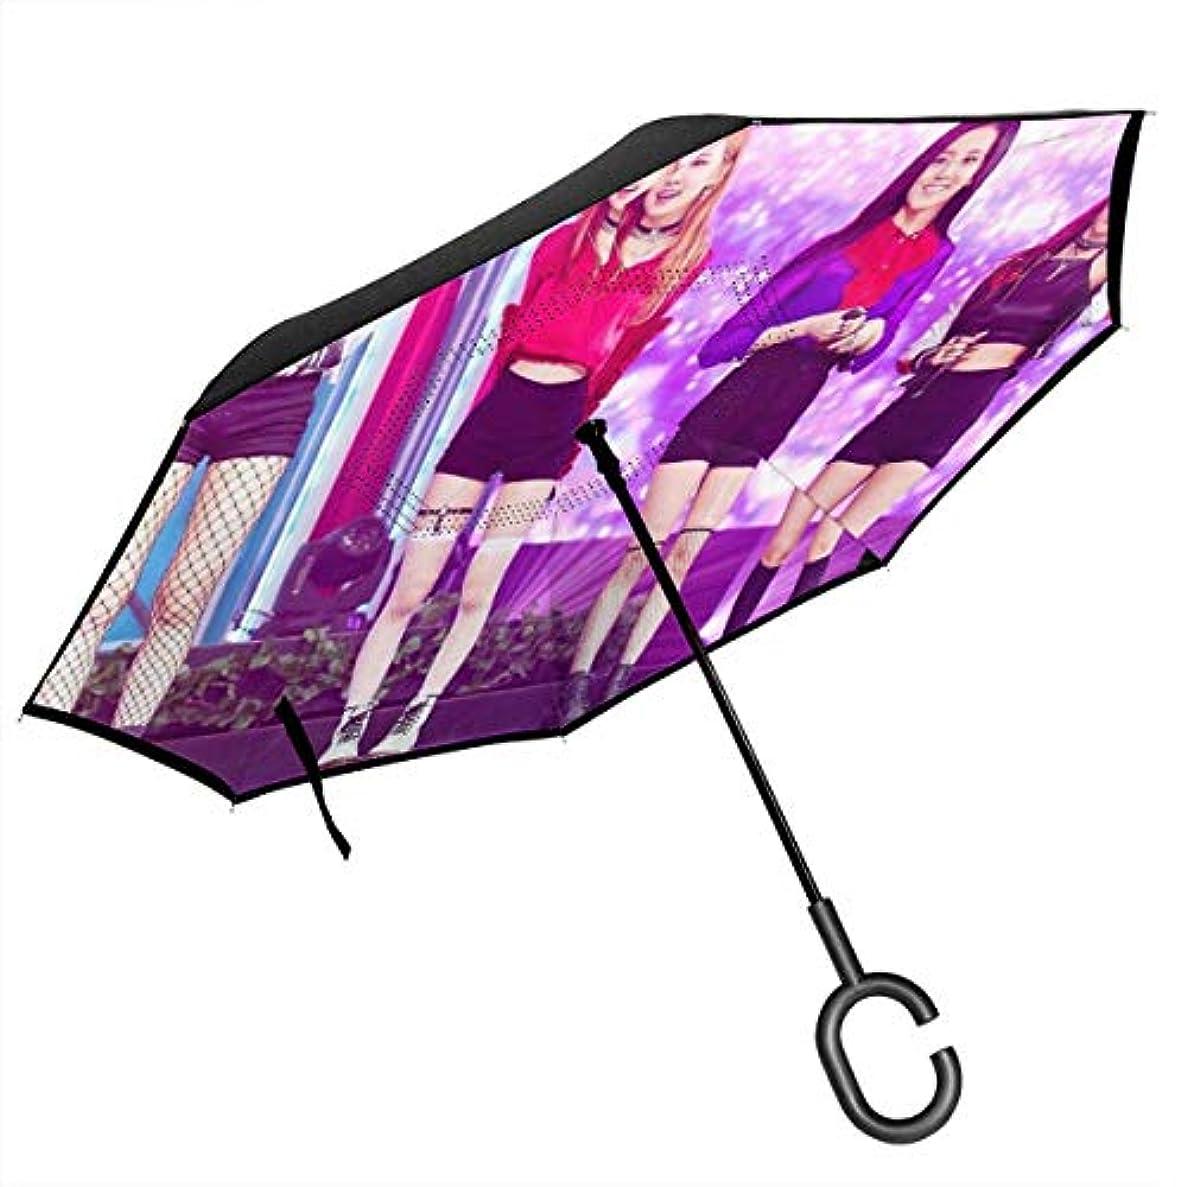 抜け目がないドライ徒歩でBlackpink 折り返日傘すパラソル紫外線対策雨傘 耐久性 晴天または雨天両用堅牢防風 手分離C形 スポーツ ビジネス 個性的な人気UPF 50+傘は男性と女性の子供に似合います